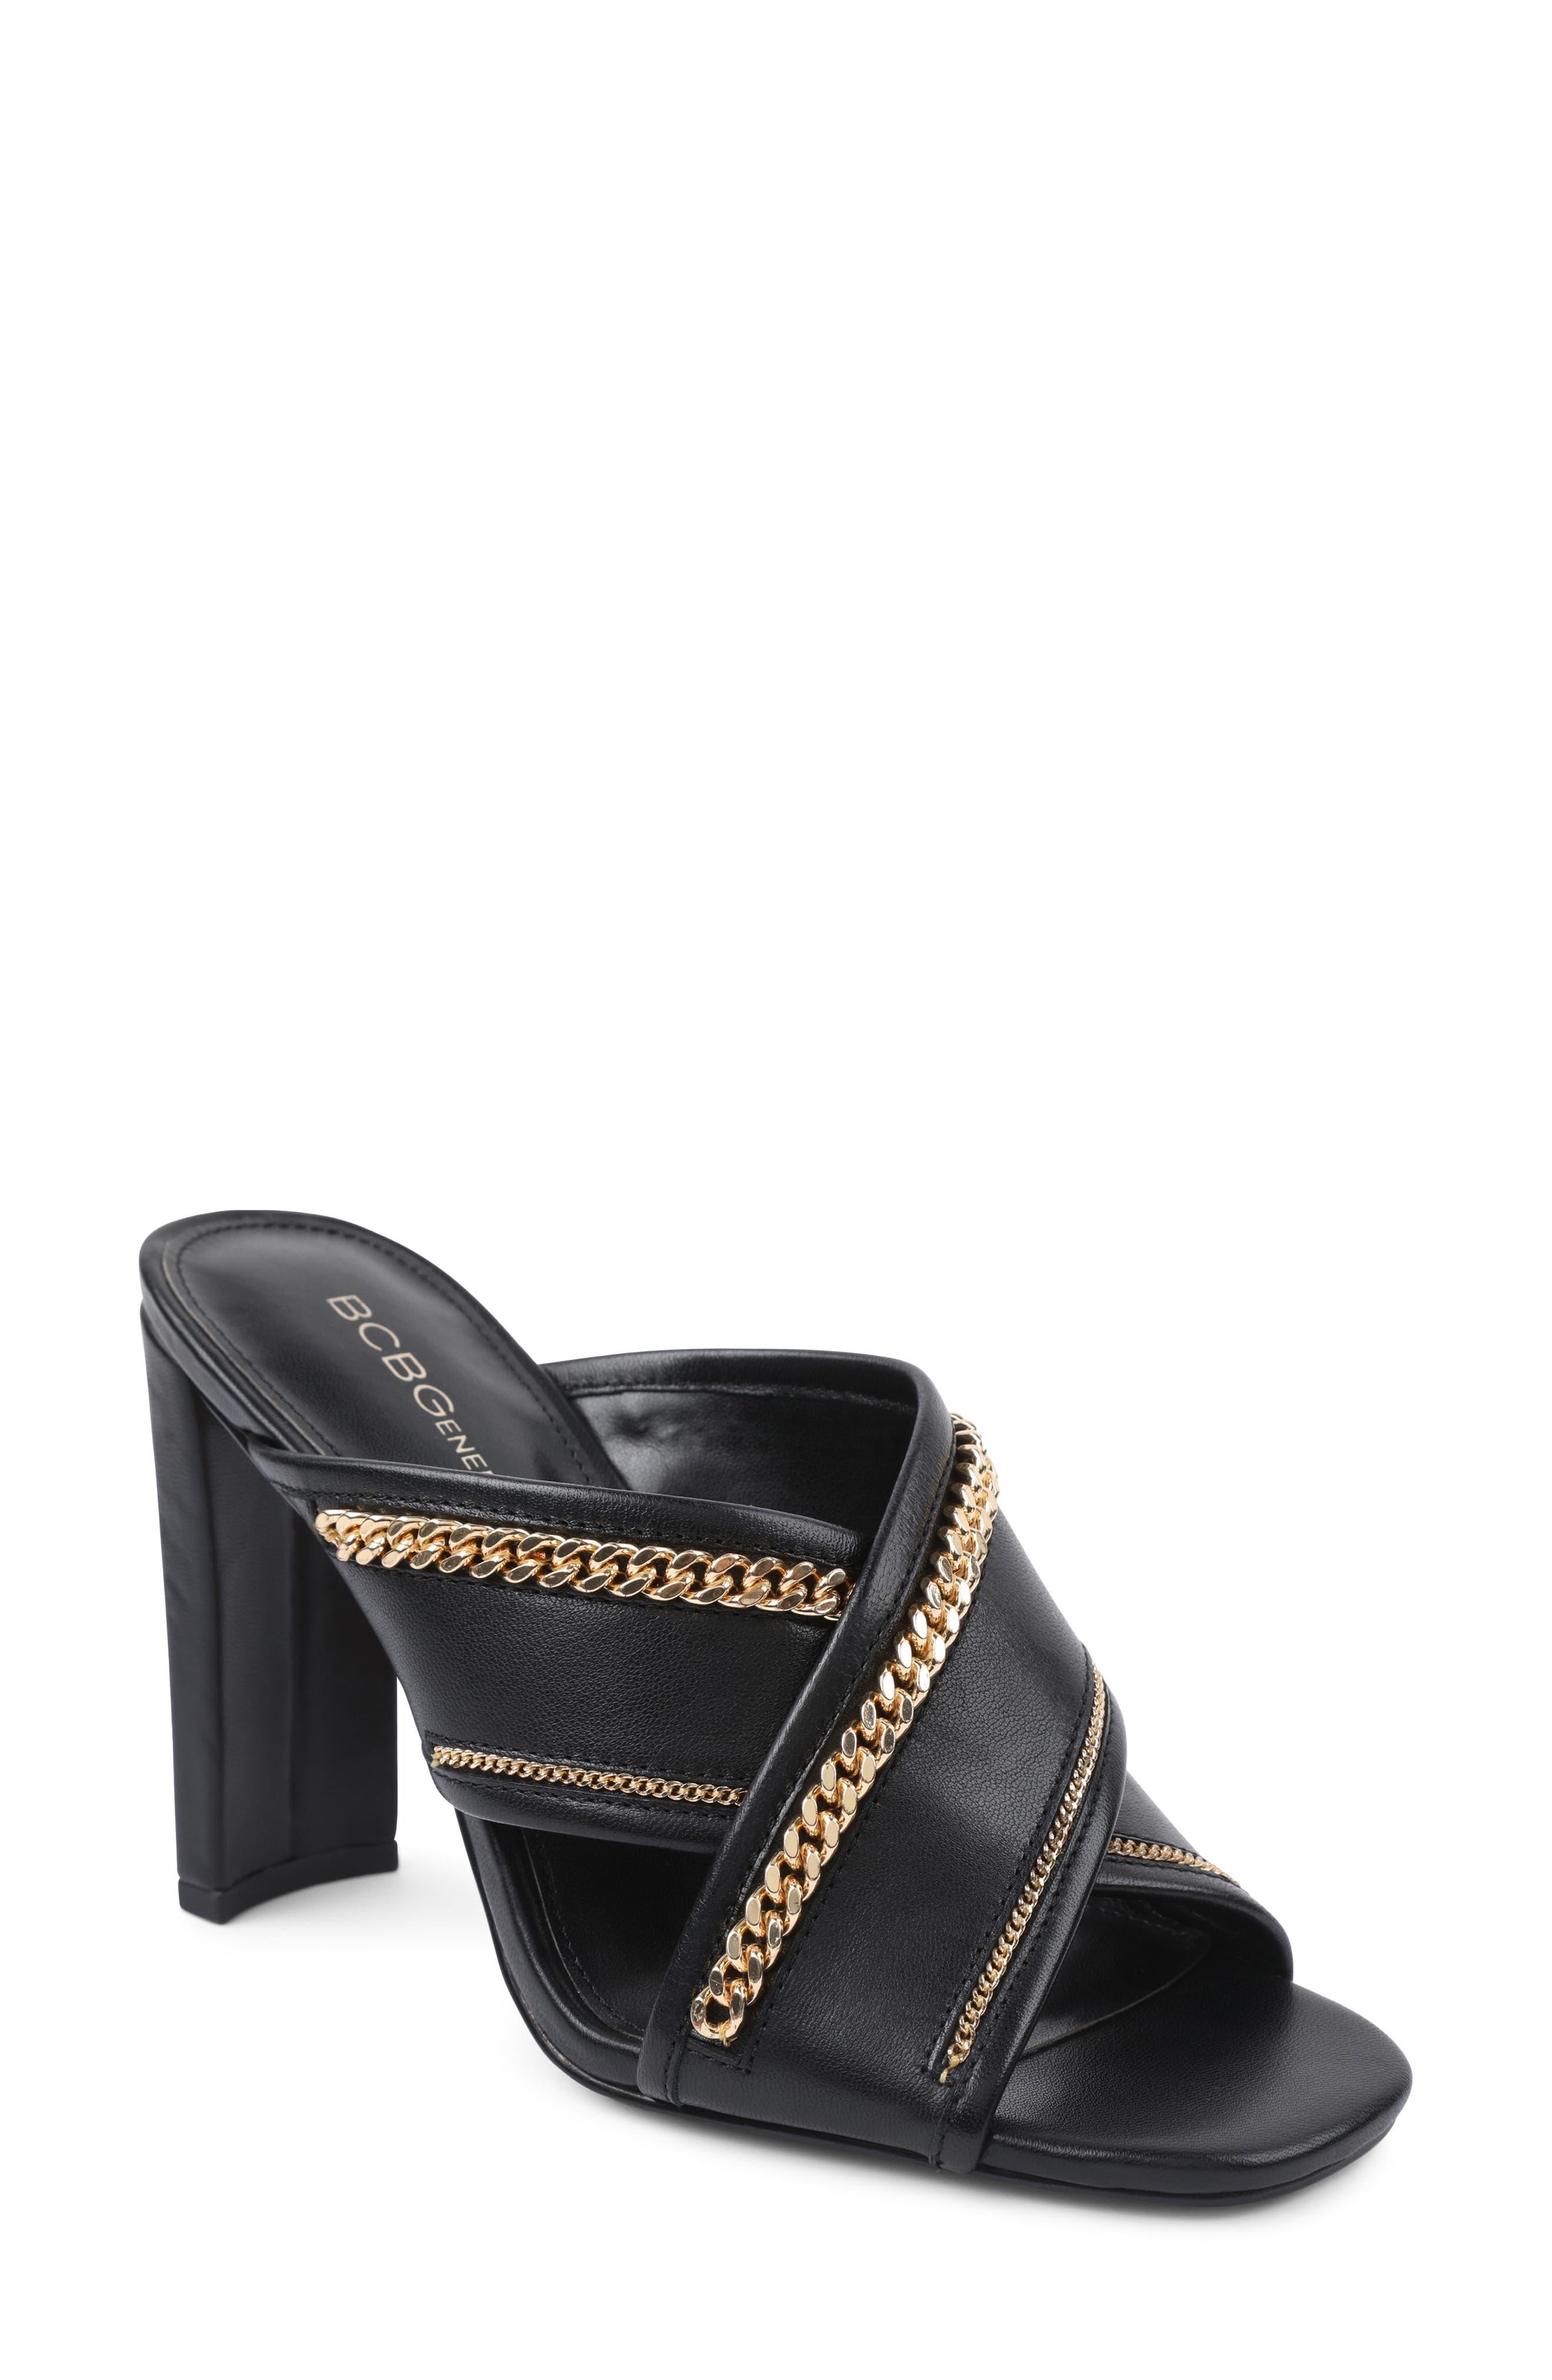 Wabbi Slide Sandal